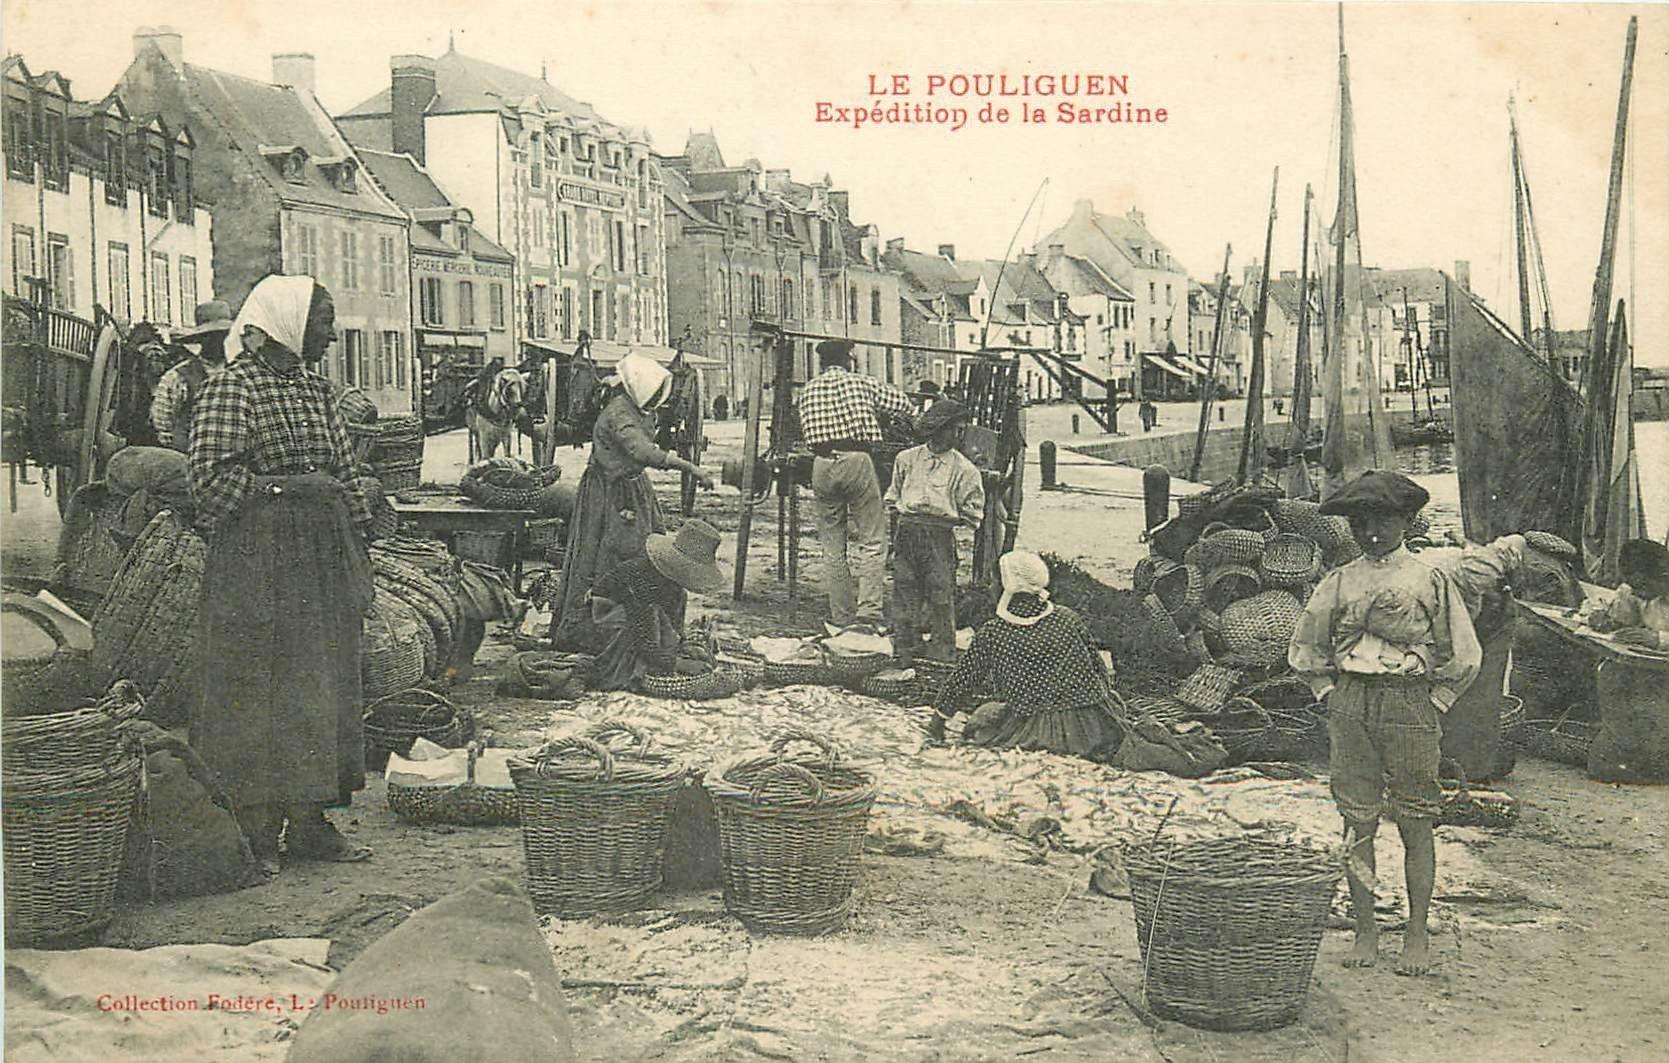 44 LE POULIGUEN. Expédition de la Sardine. Poissons et Métiers de la Mer